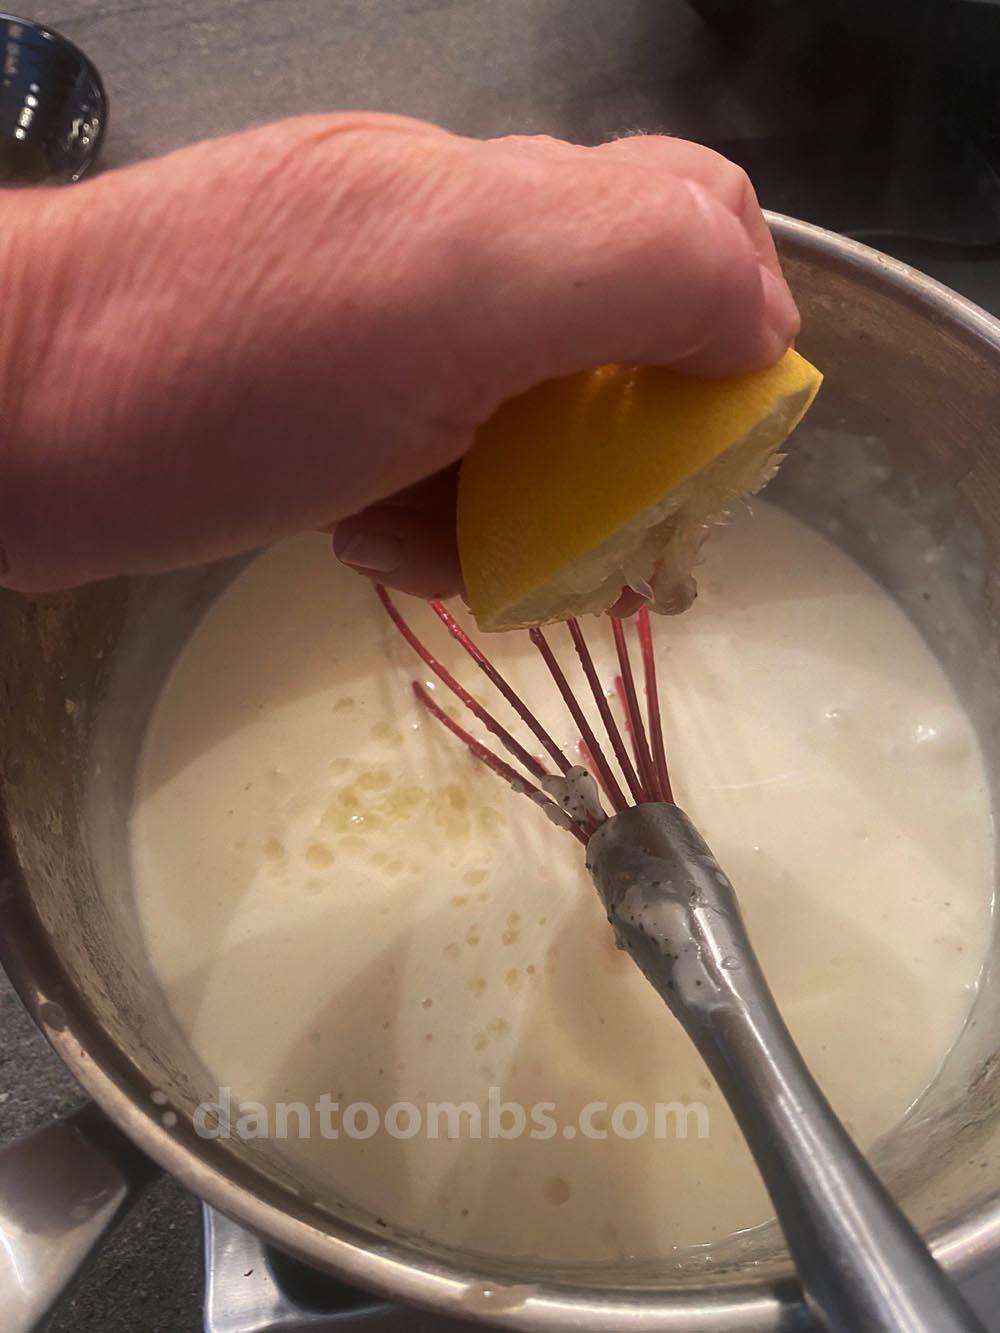 Lemon juice being added